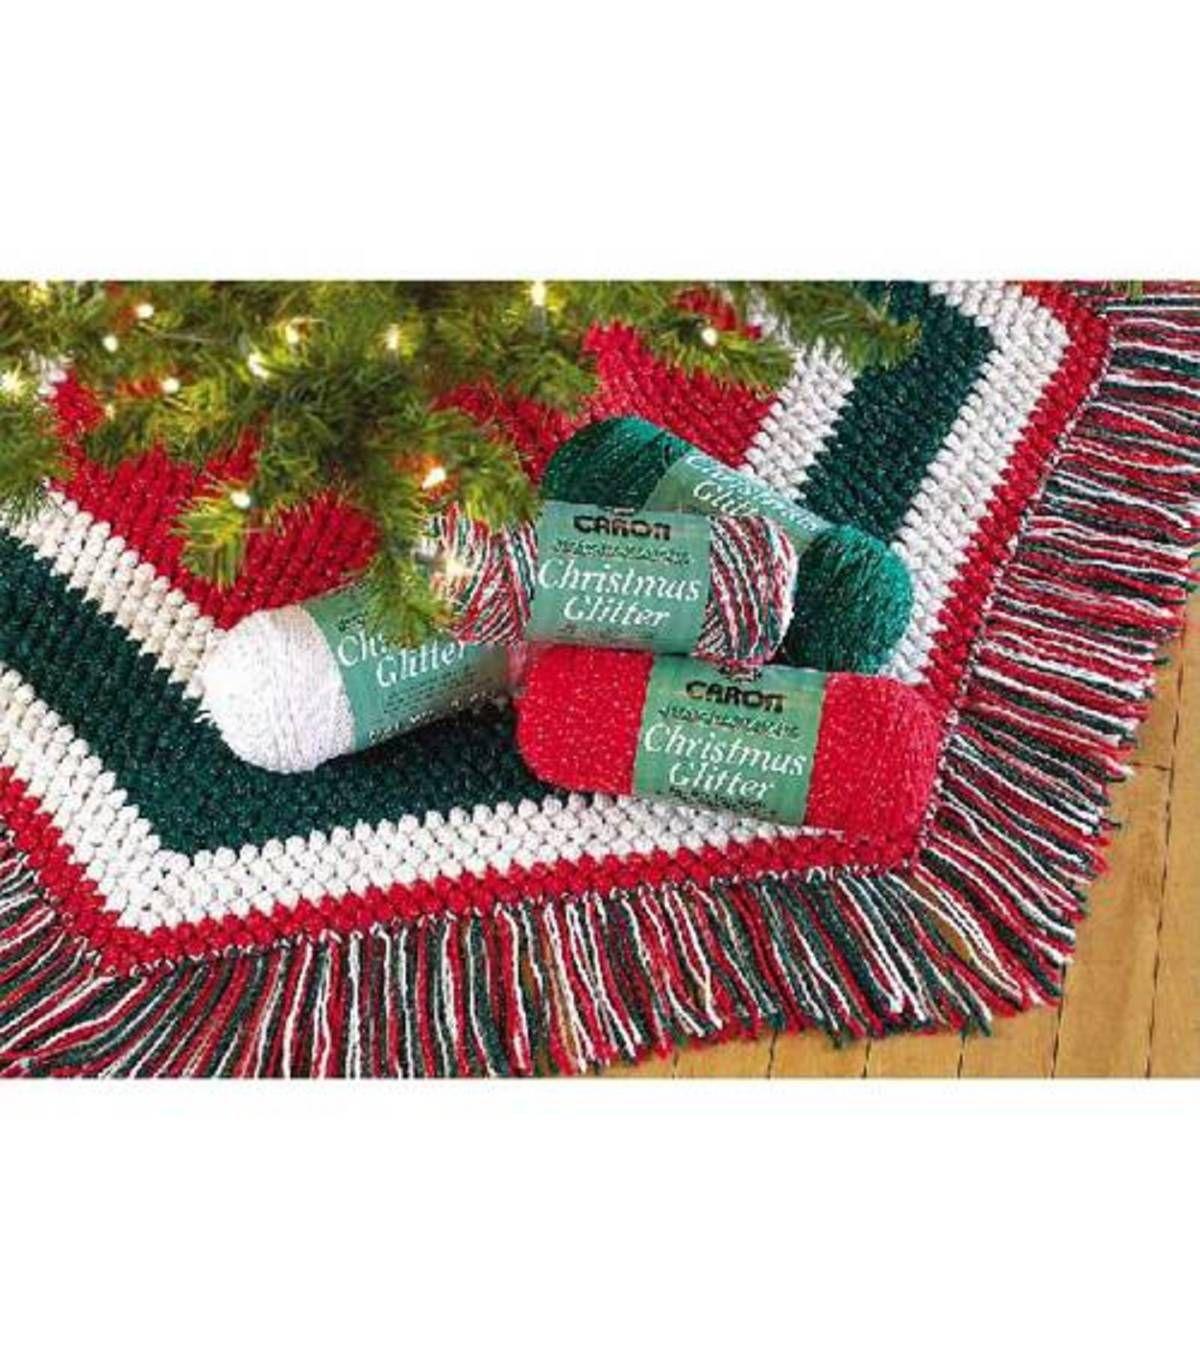 Easy Crochet Christmas Tree Skirt: Skirting The Christmas Tree Crochet A Christmas Tree Skirt